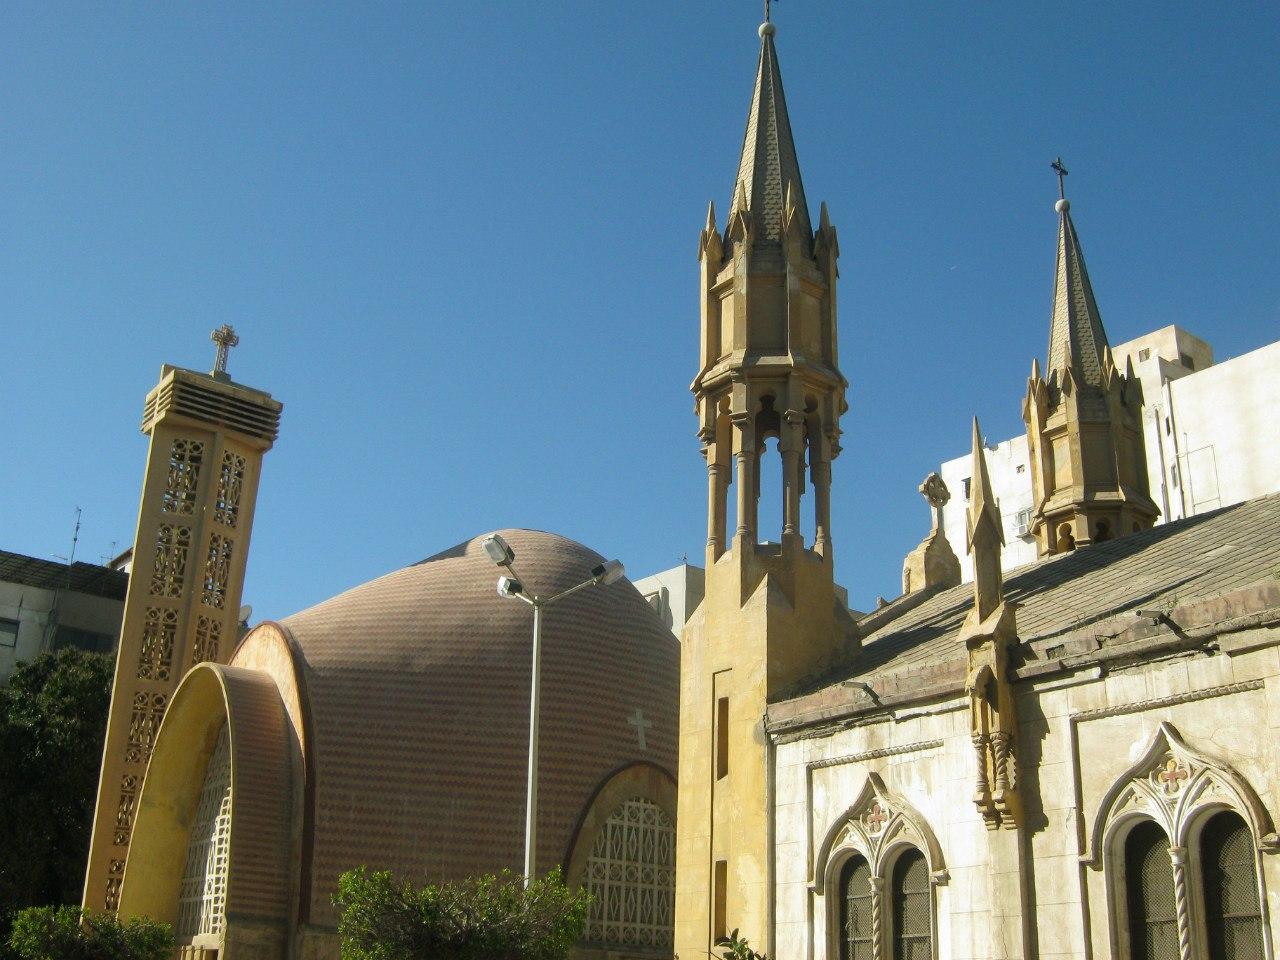 Церкви разных деноминаций в Порт-Саиде